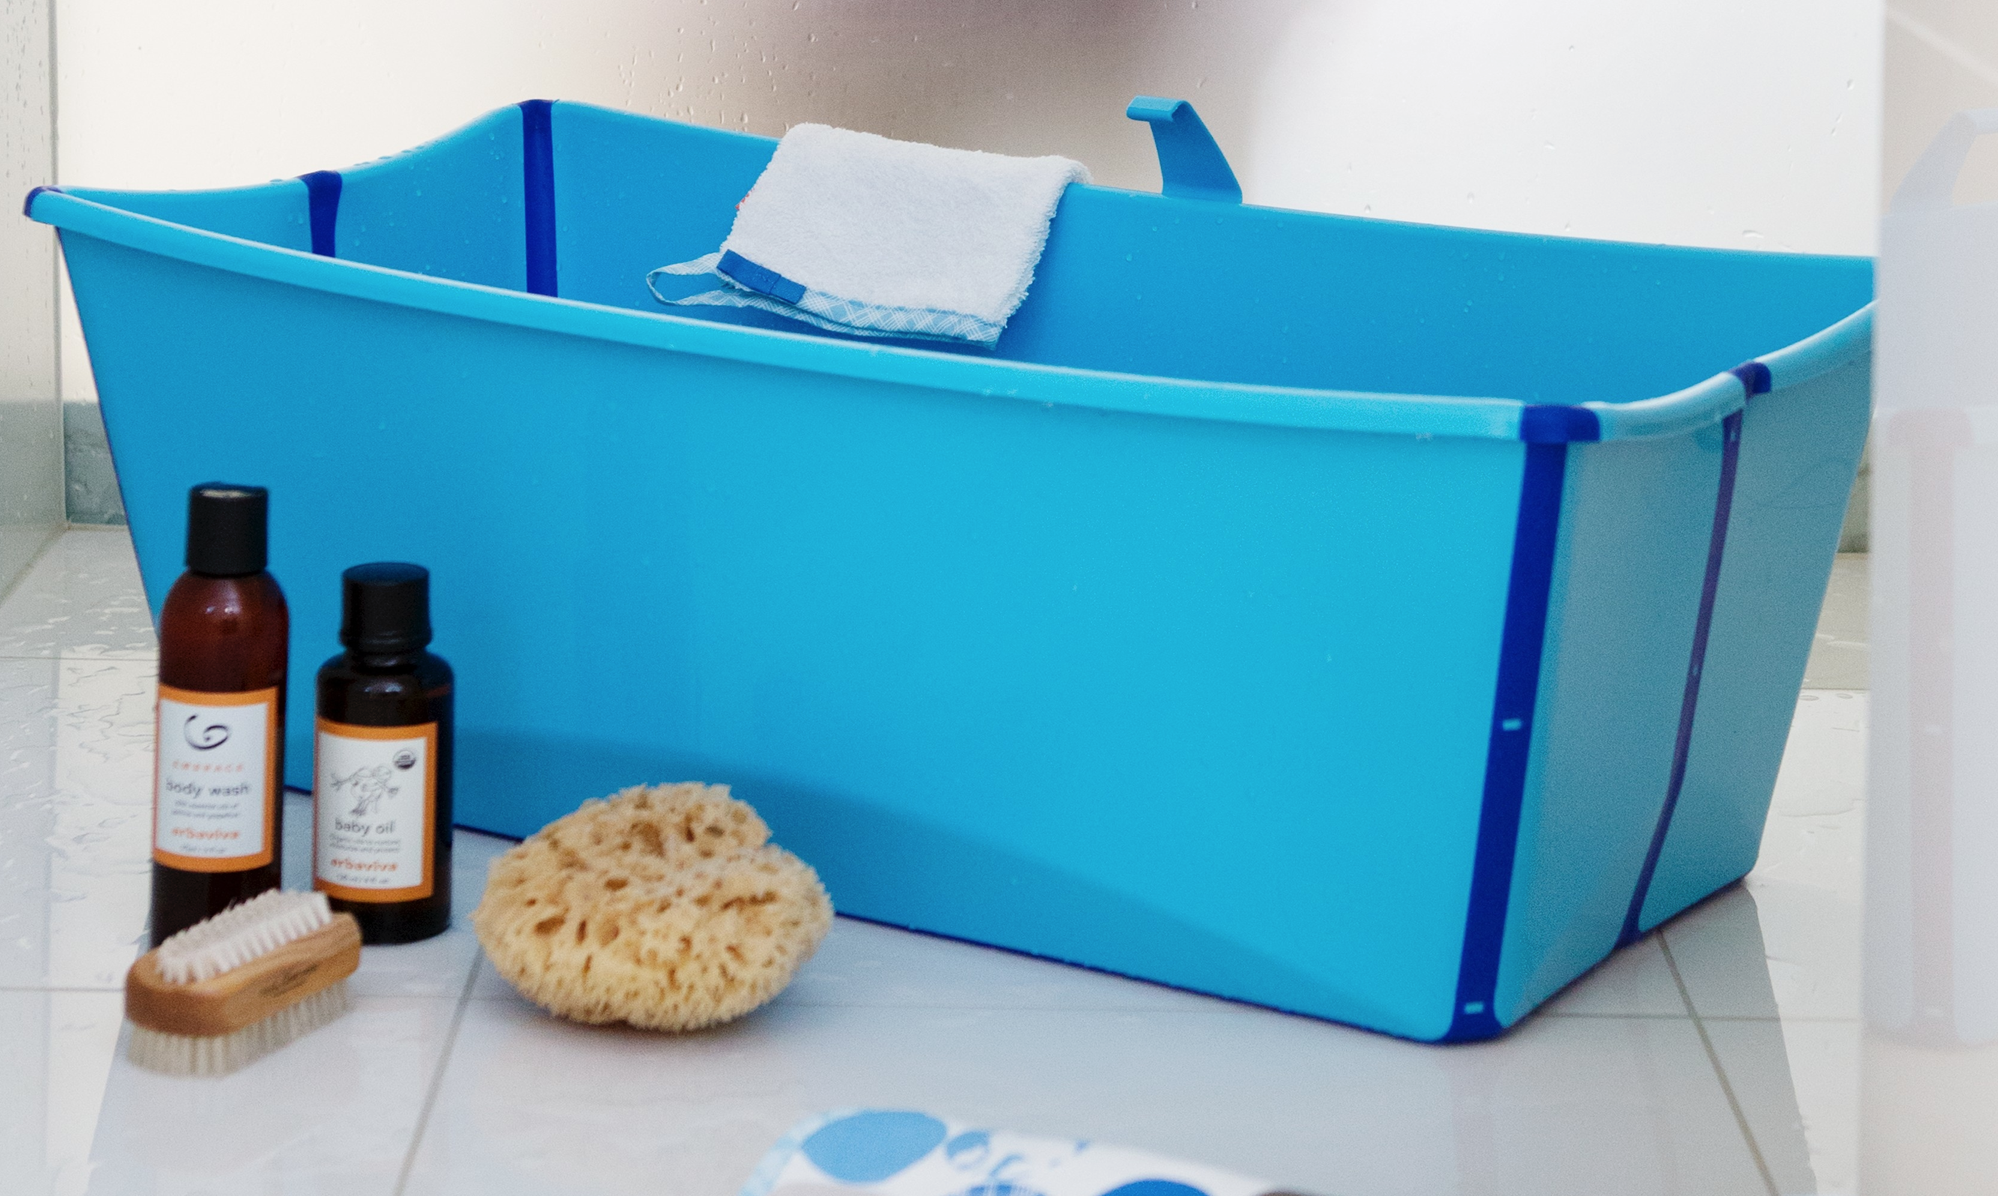 Stokke Introduces The Flexi Bath A Foldable Baby Bath